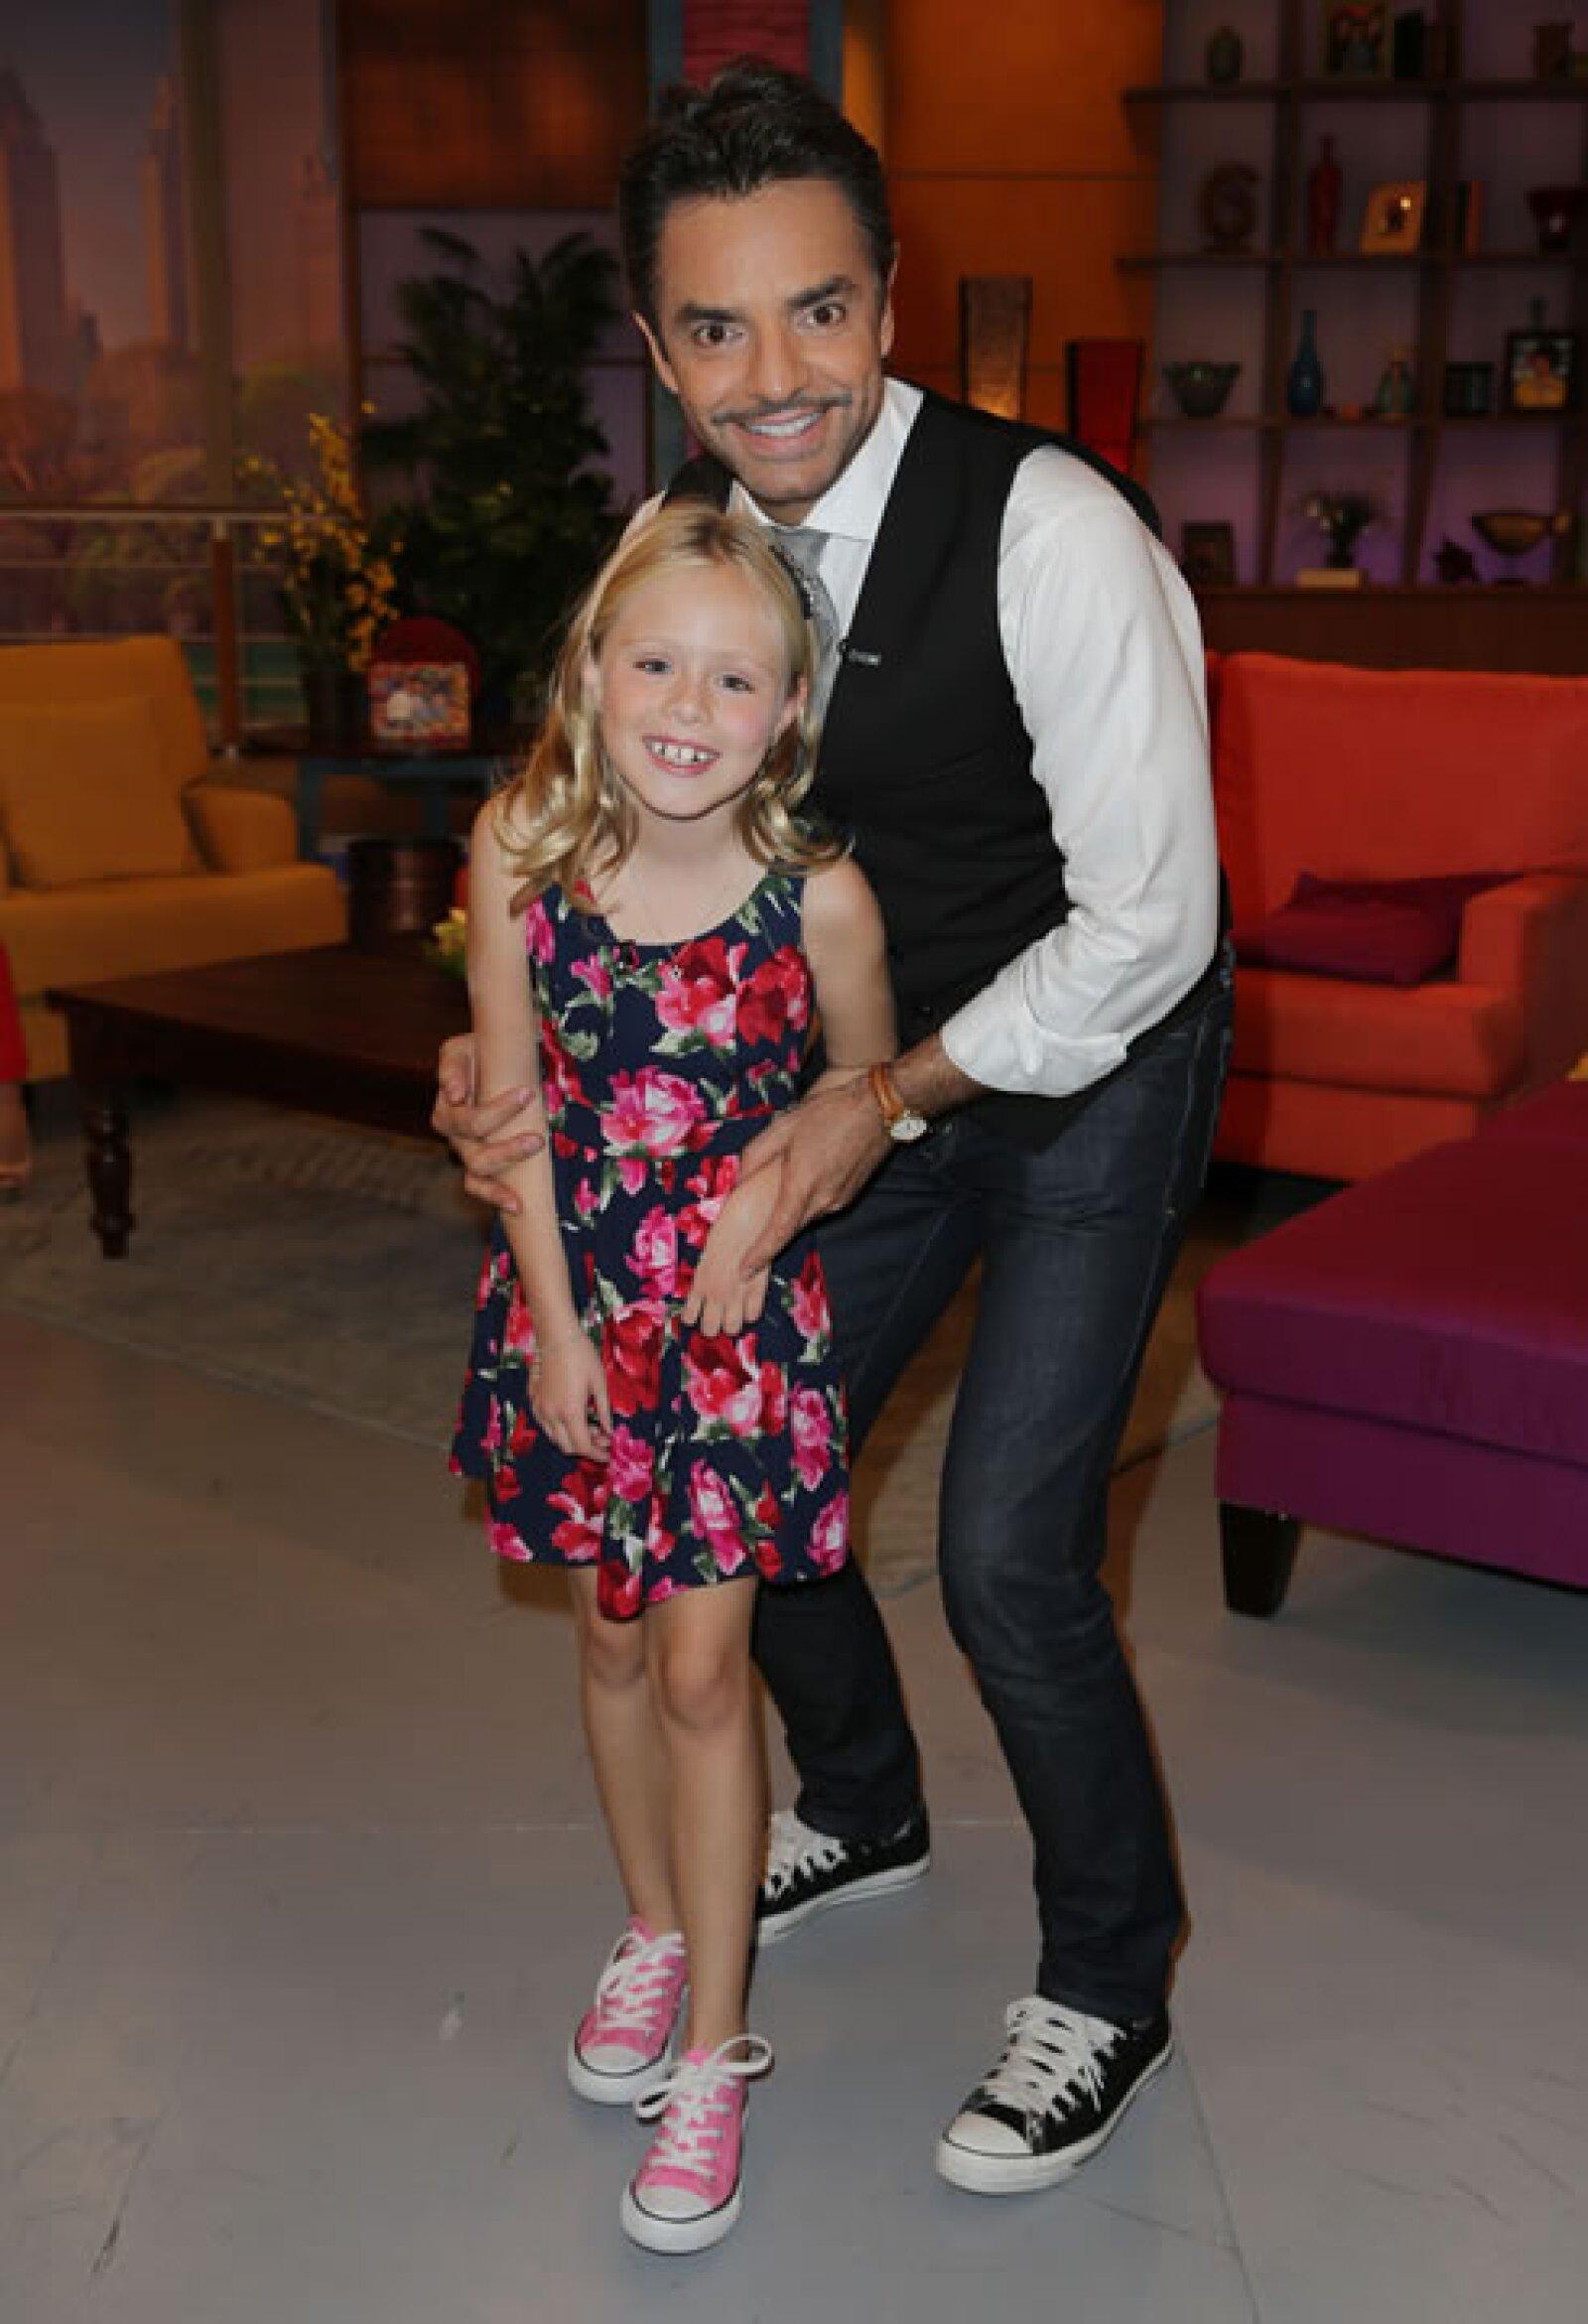 Eugenio y Loreto son una dupla inseparable, sobre todo ahora que son invitados a diferentes programas de TV.